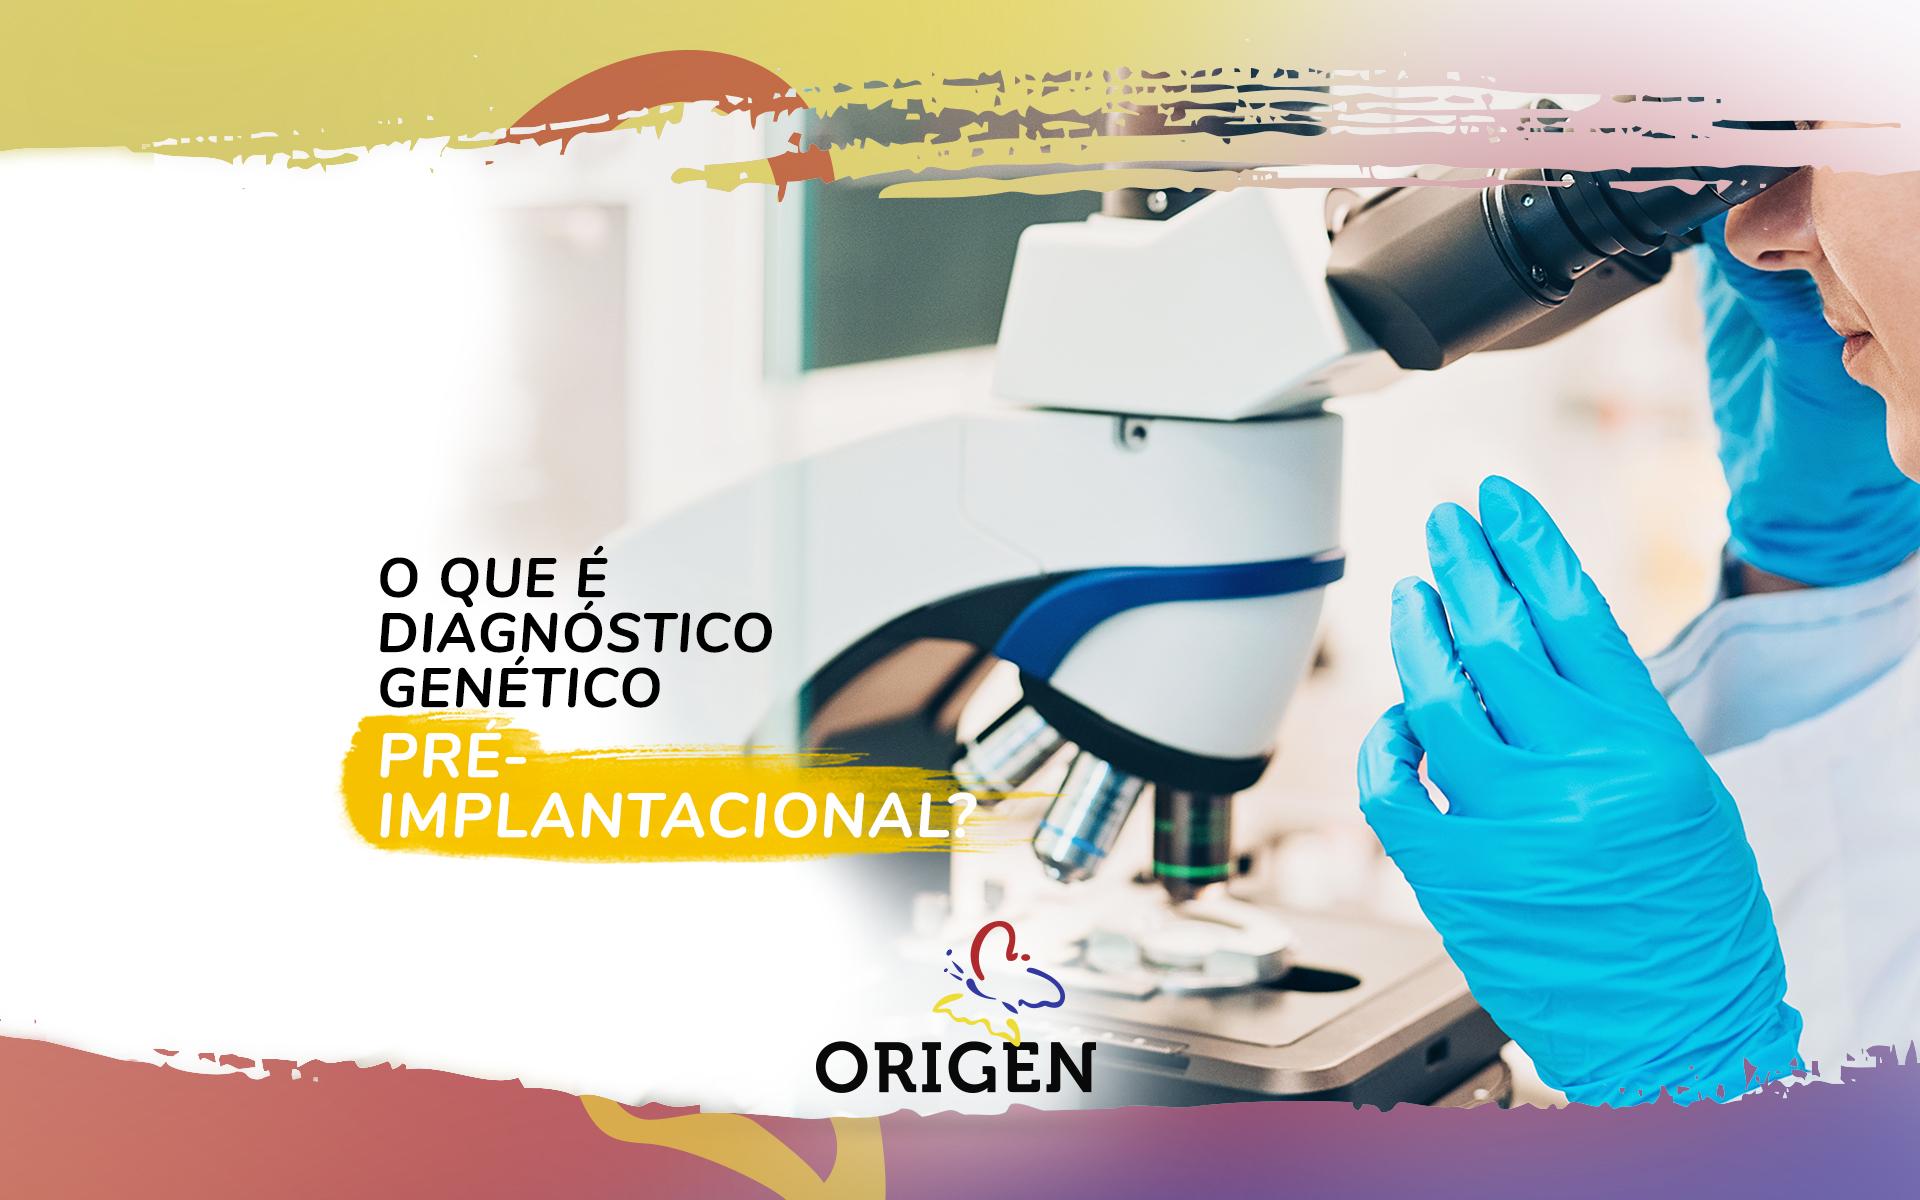 O que é diagnóstico genético pré-implantacional?